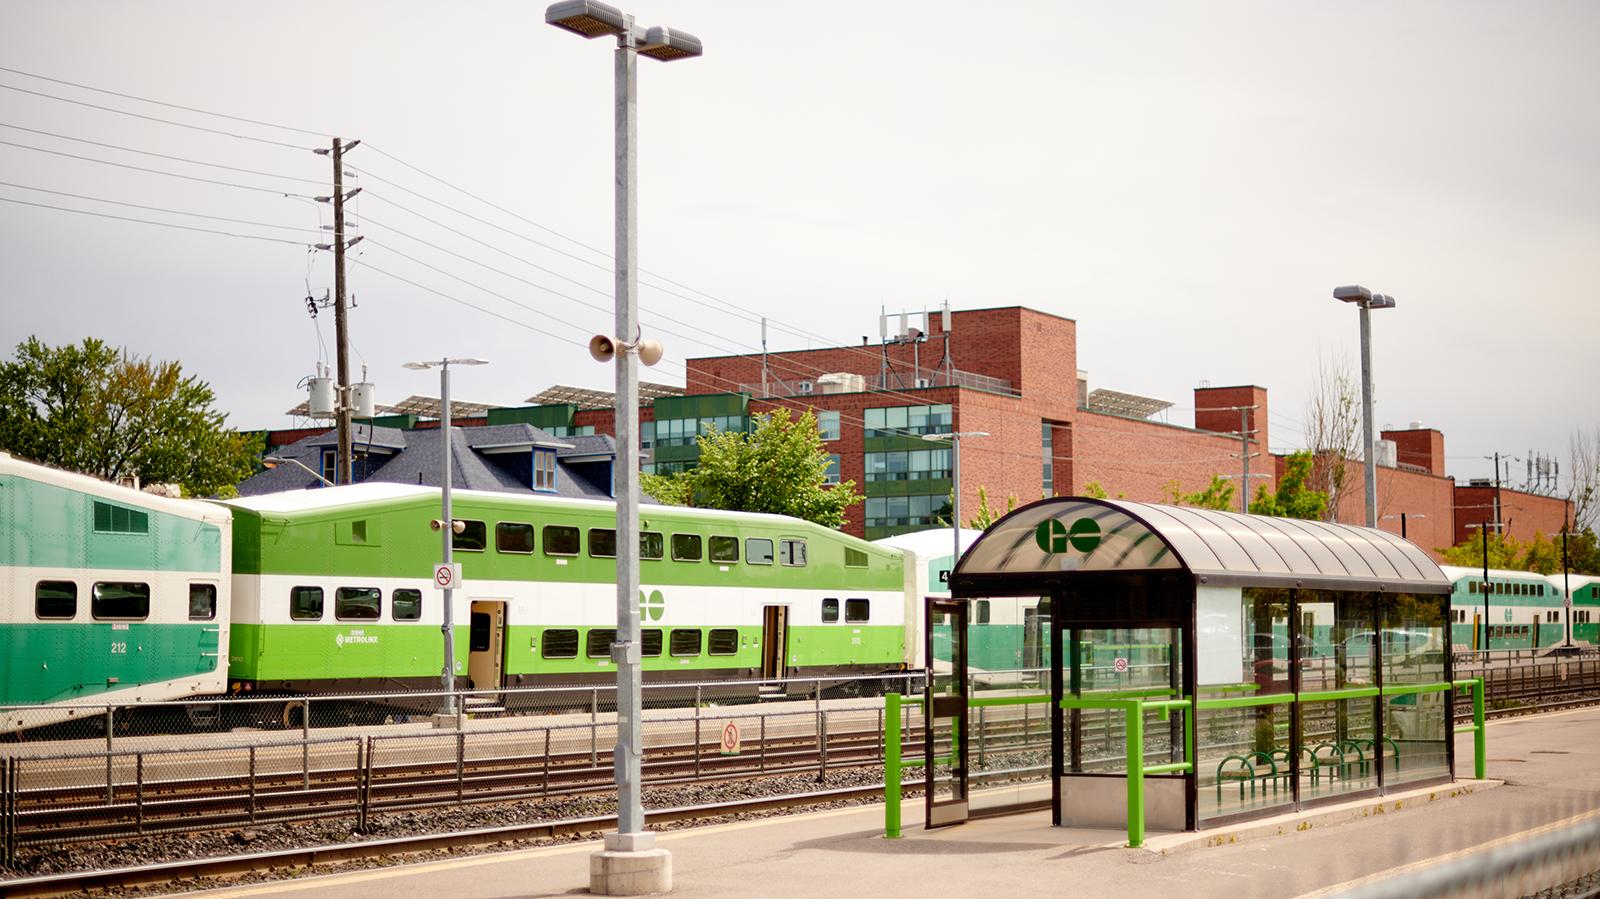 transit-image